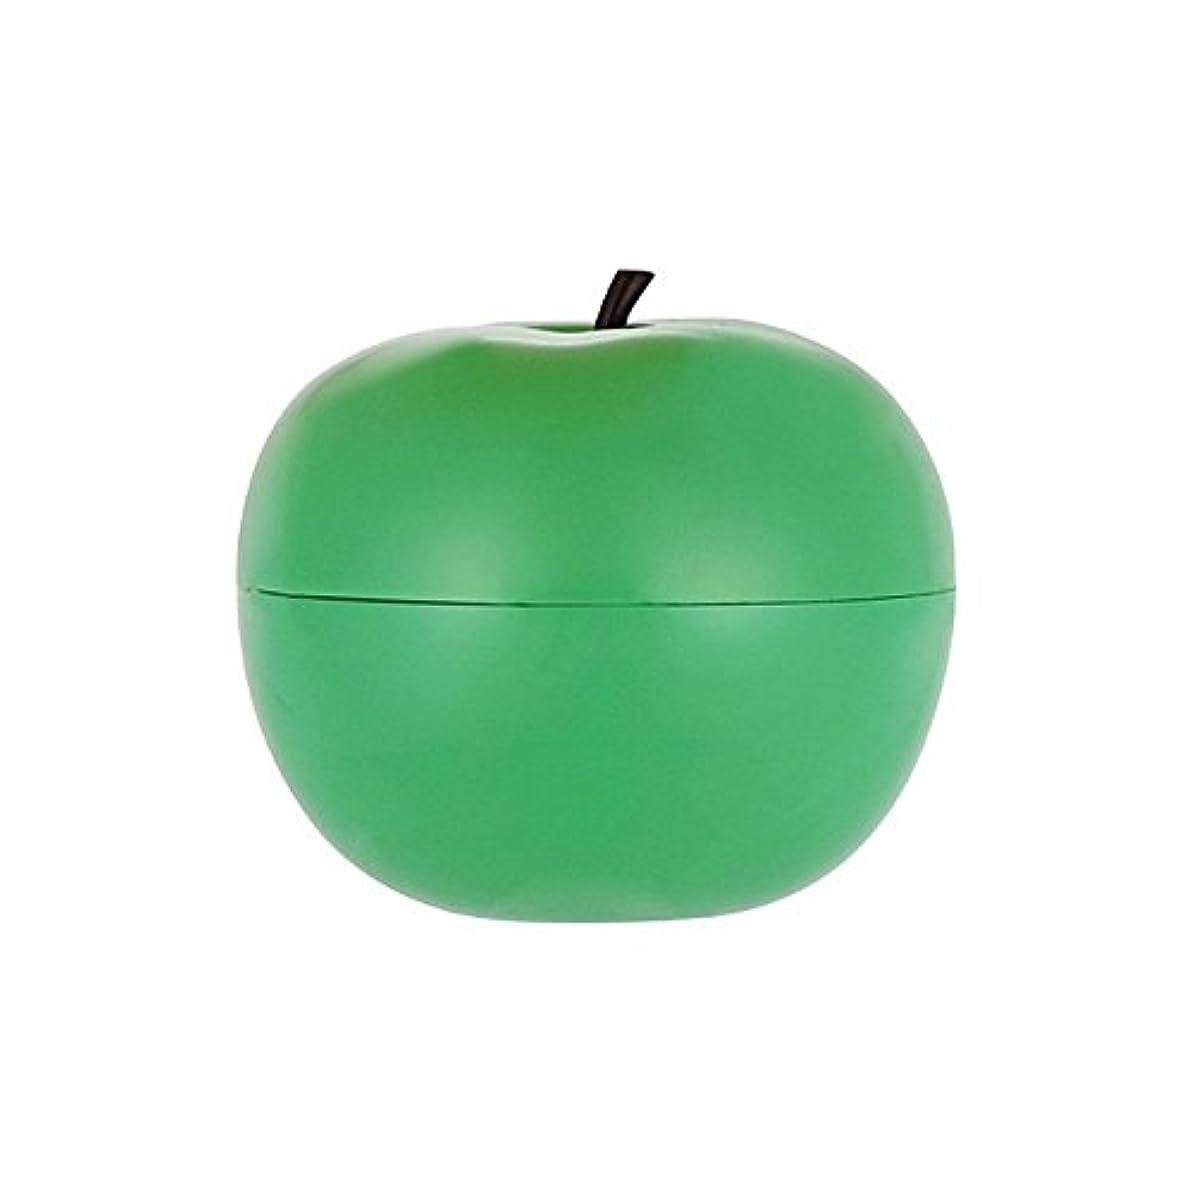 抵抗みがきます引っ張るTony Moly Appletox Smooth Massage Peeling Cream 80G (Pack of 6) - トニーモリースムーズマッサージピーリングクリーム80グラム x6 [並行輸入品]